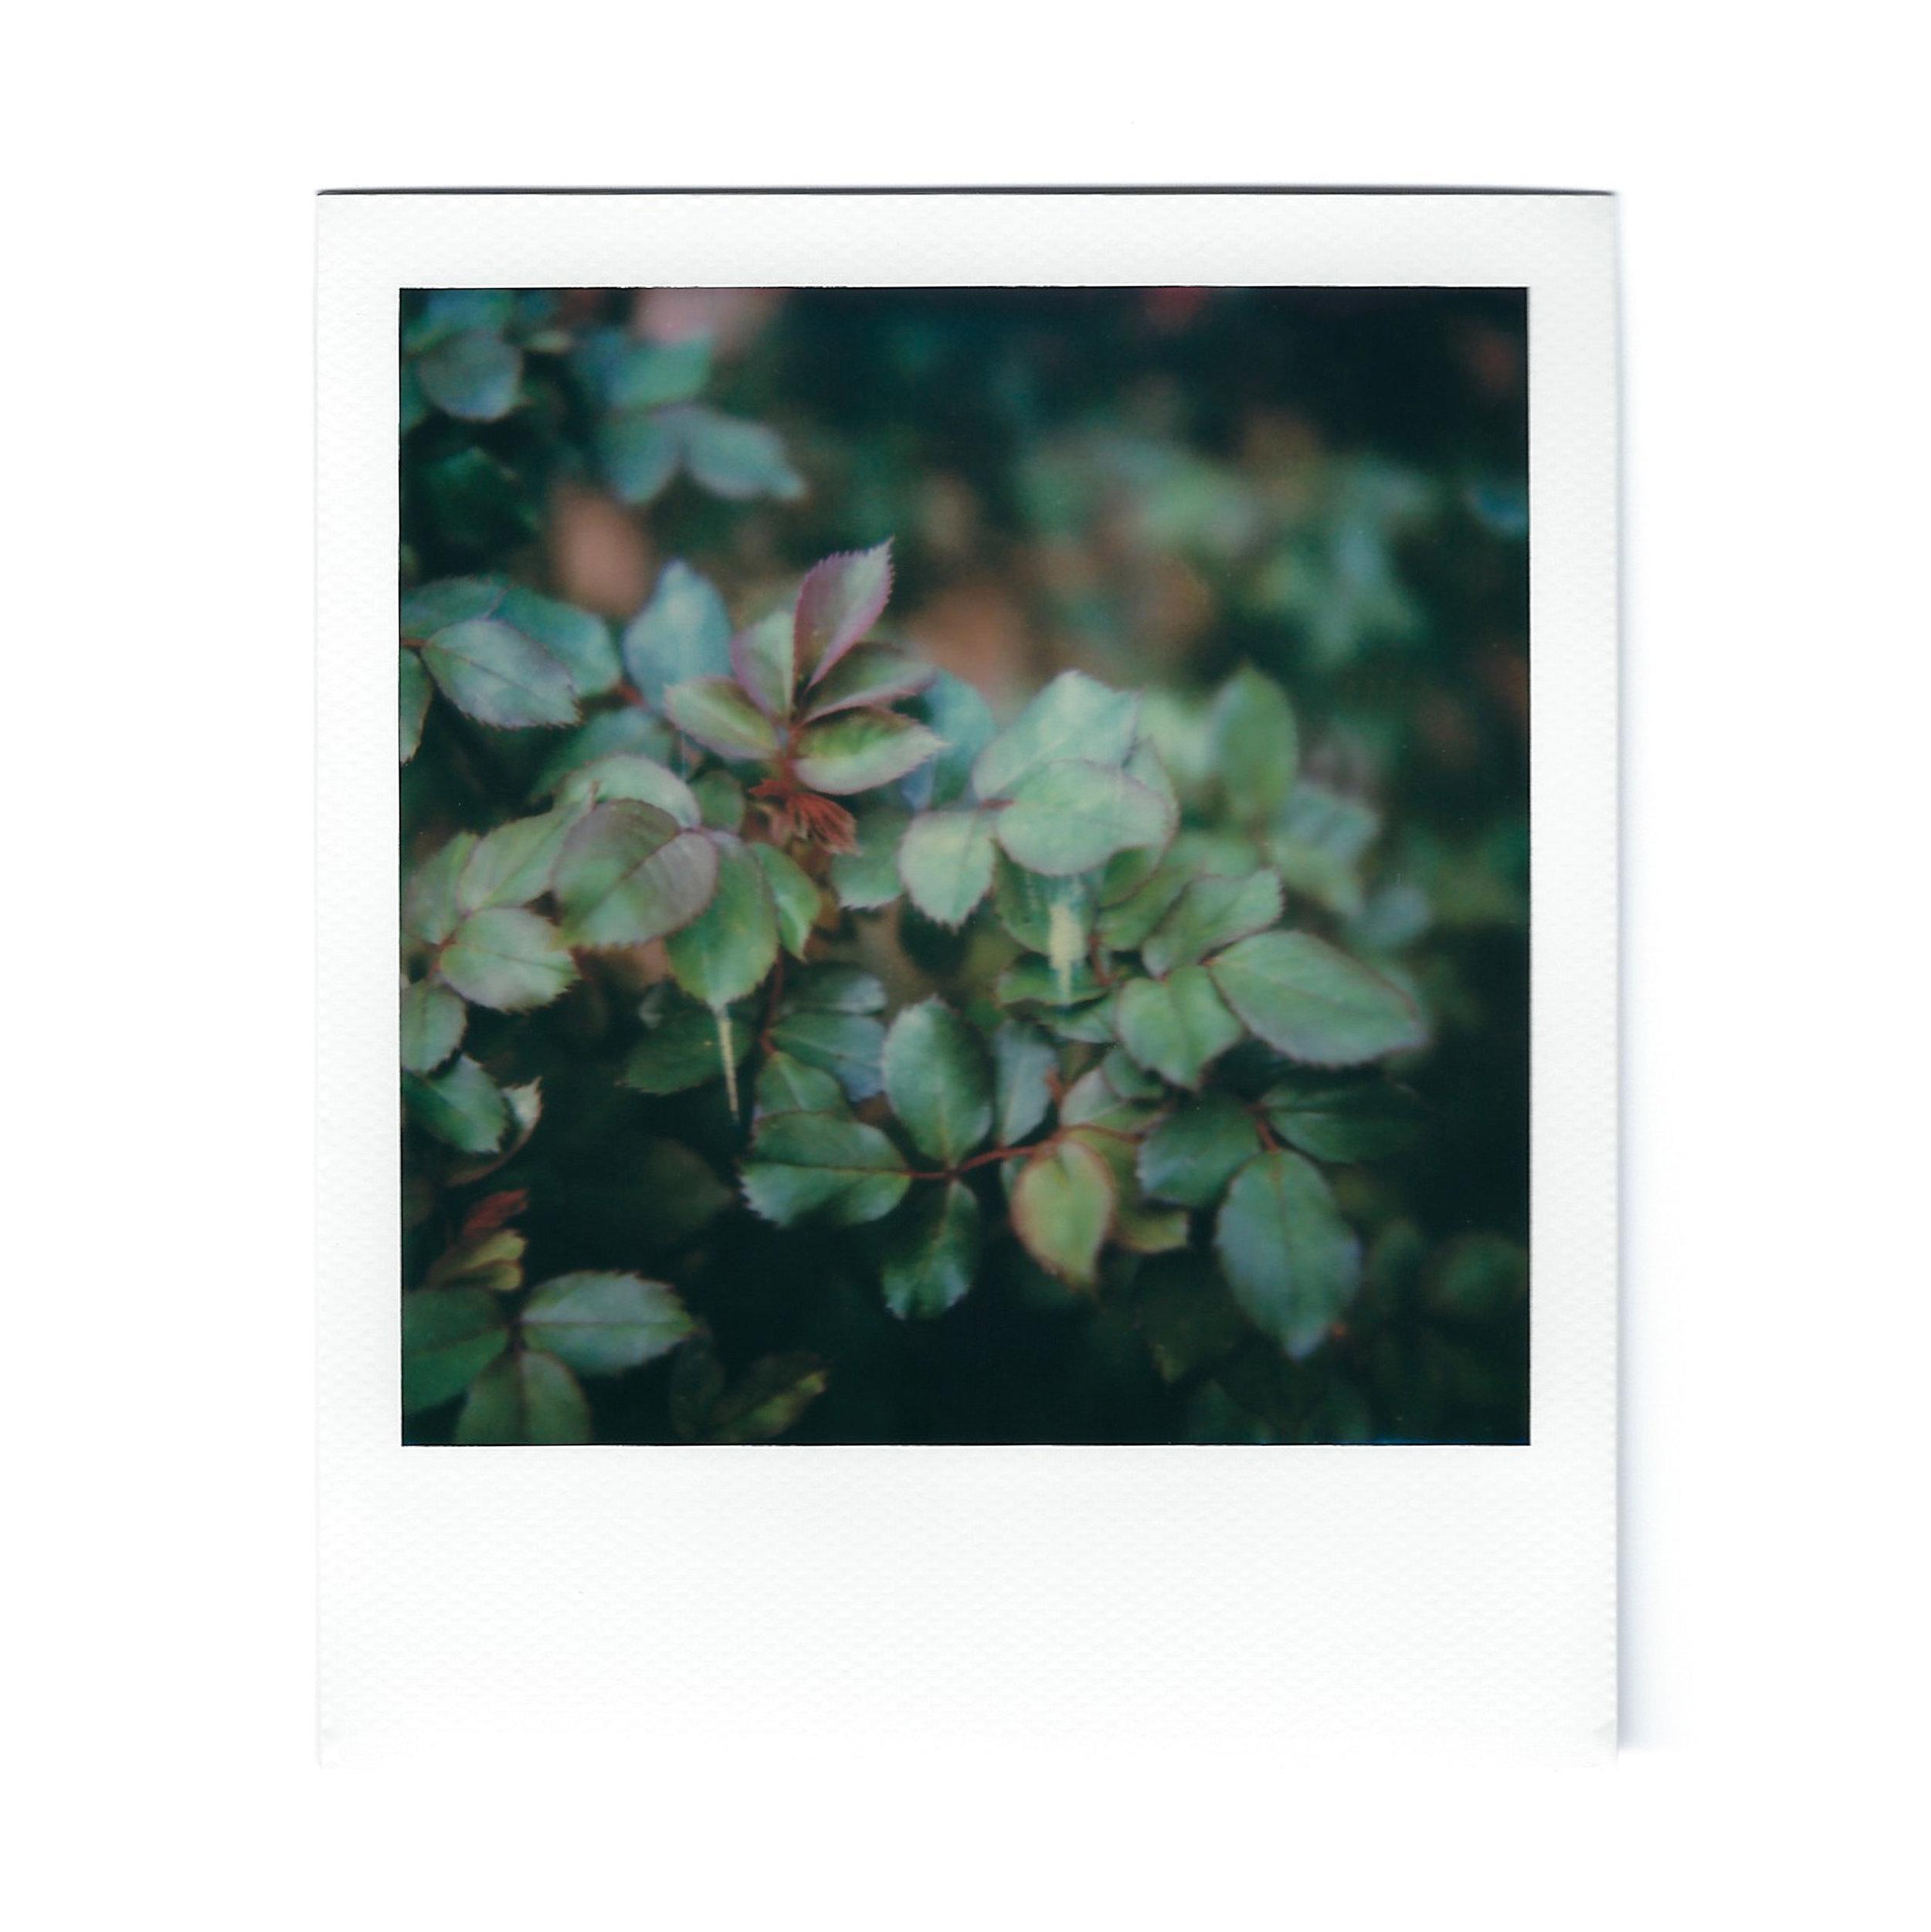 rose-leaves-polaroid.jpg